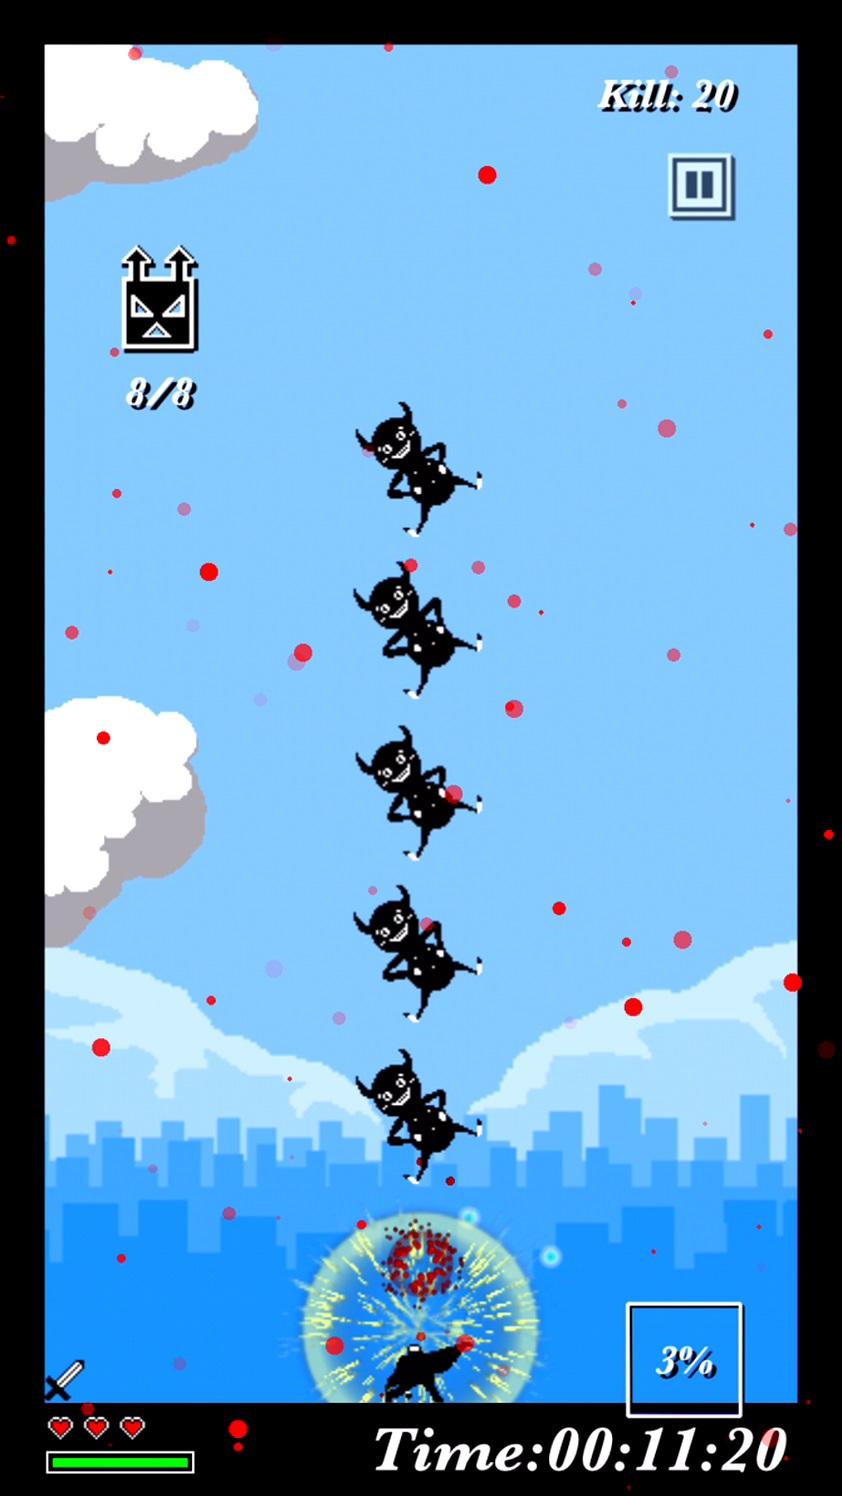 ジャンパンマン - Jump Punch Man - androidアプリスクリーンショット1